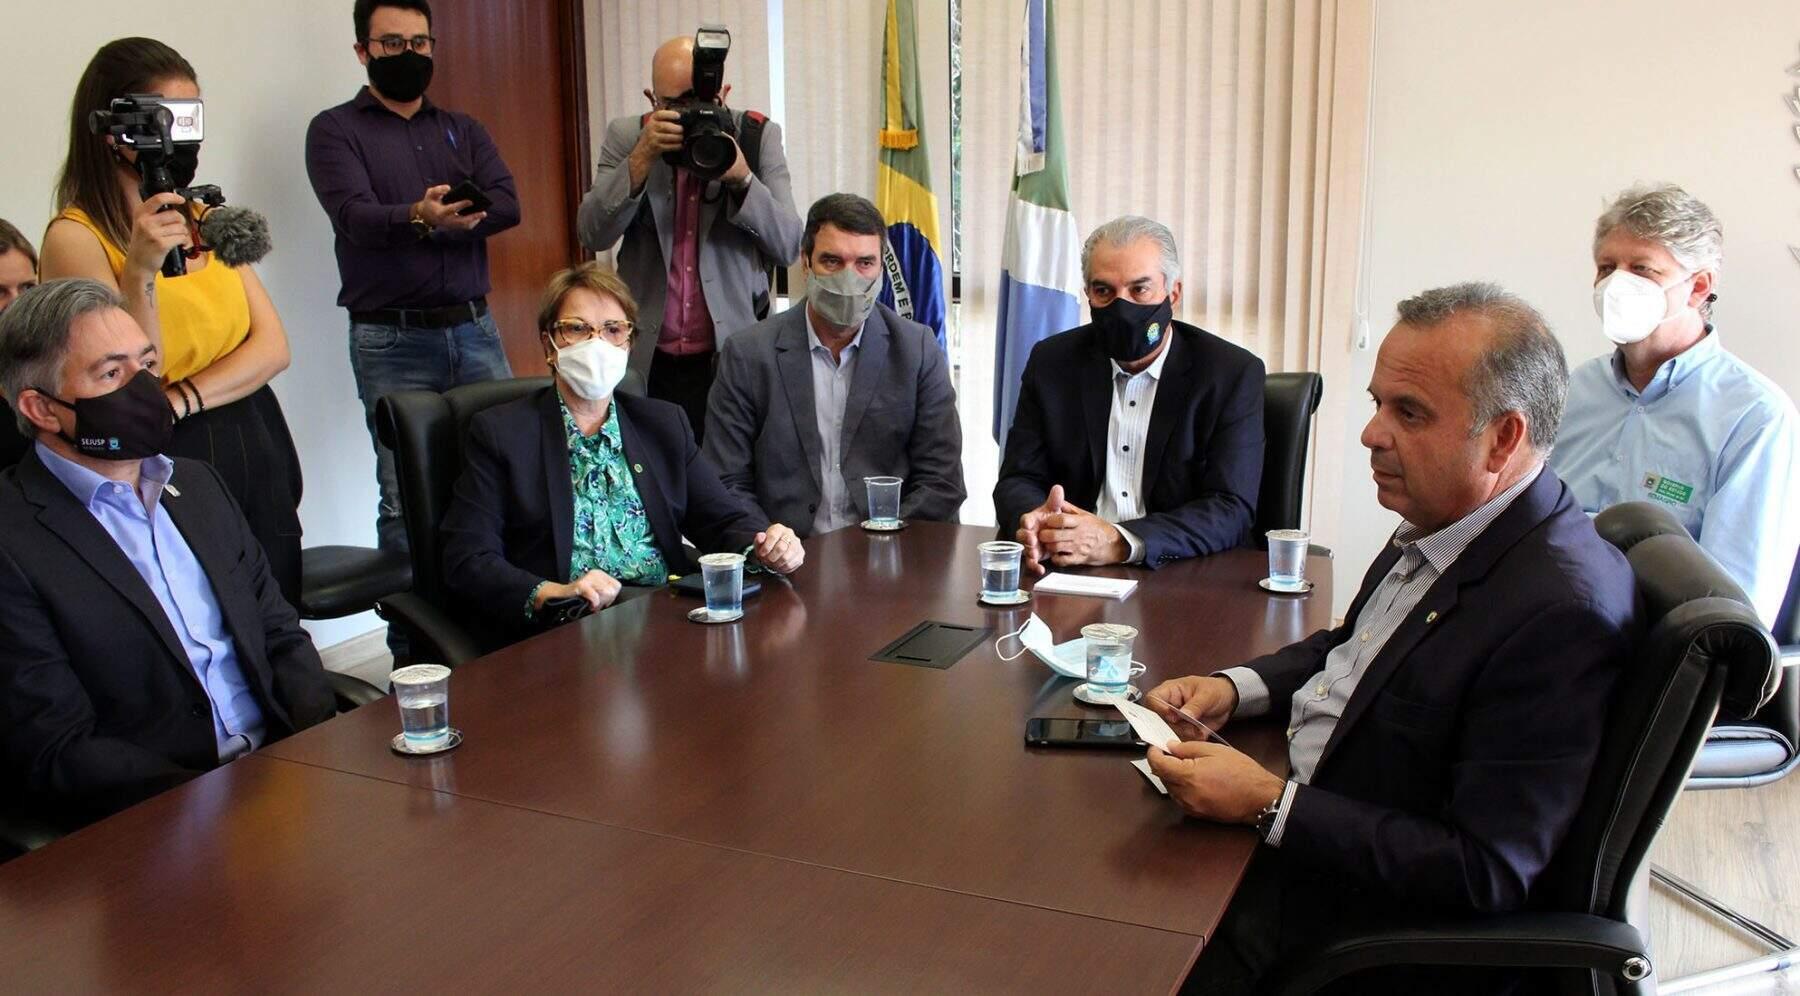 Ministra, no último dia 14, teve contato com o goovernador Reinaldo Azambuja, que testou positivo para a doença e está em isolamento. (Foto: Governo de MS)